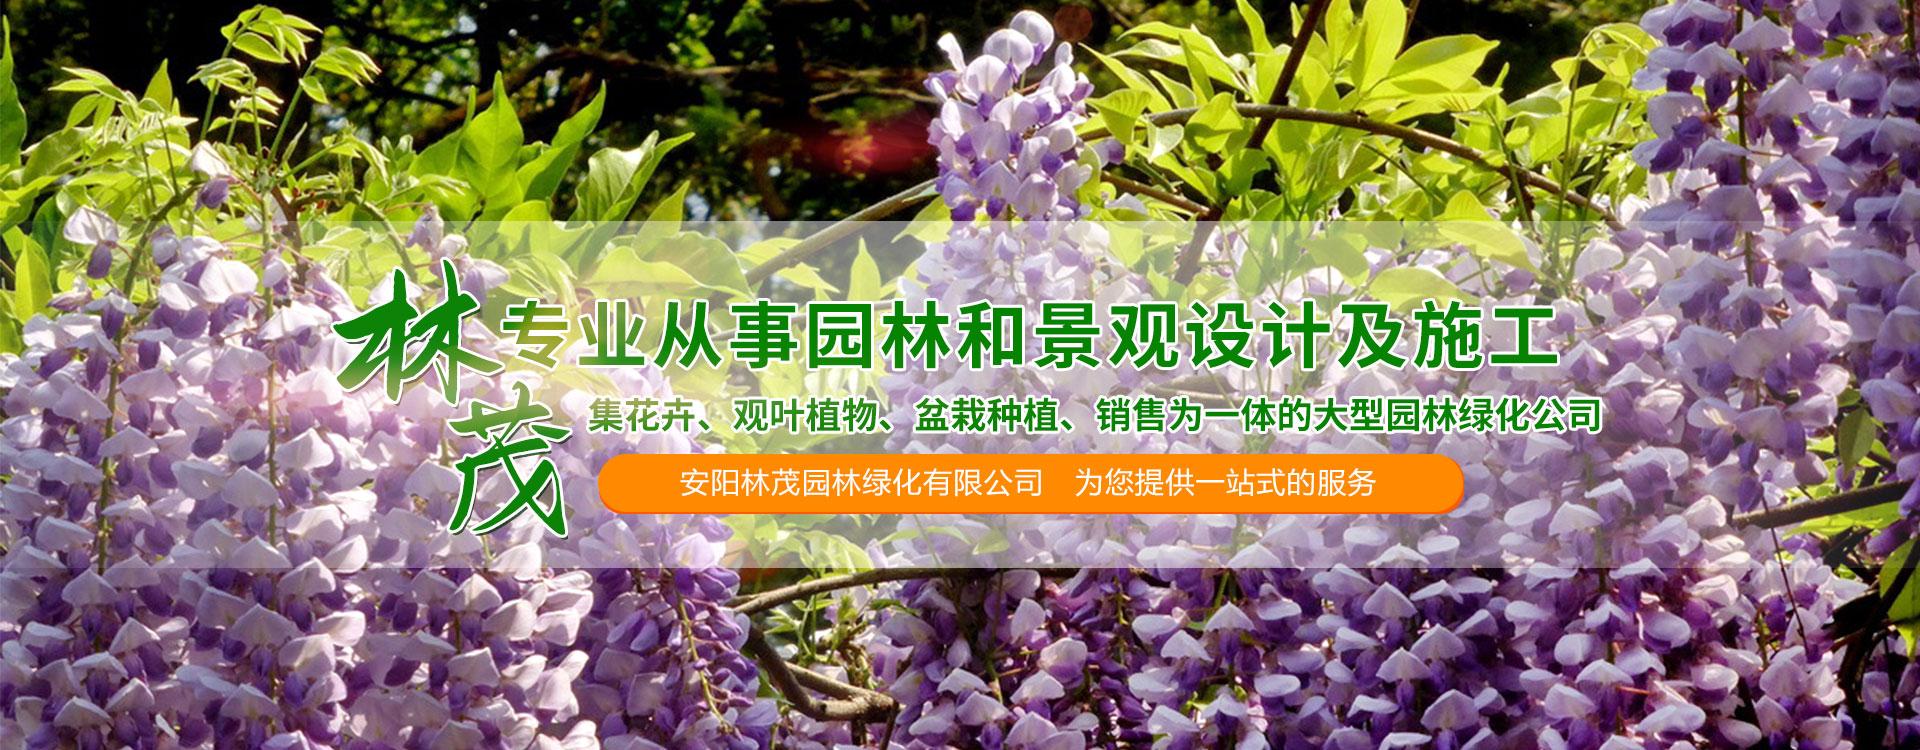 花卉盆栽苗木种植,盆栽苗木基地批发